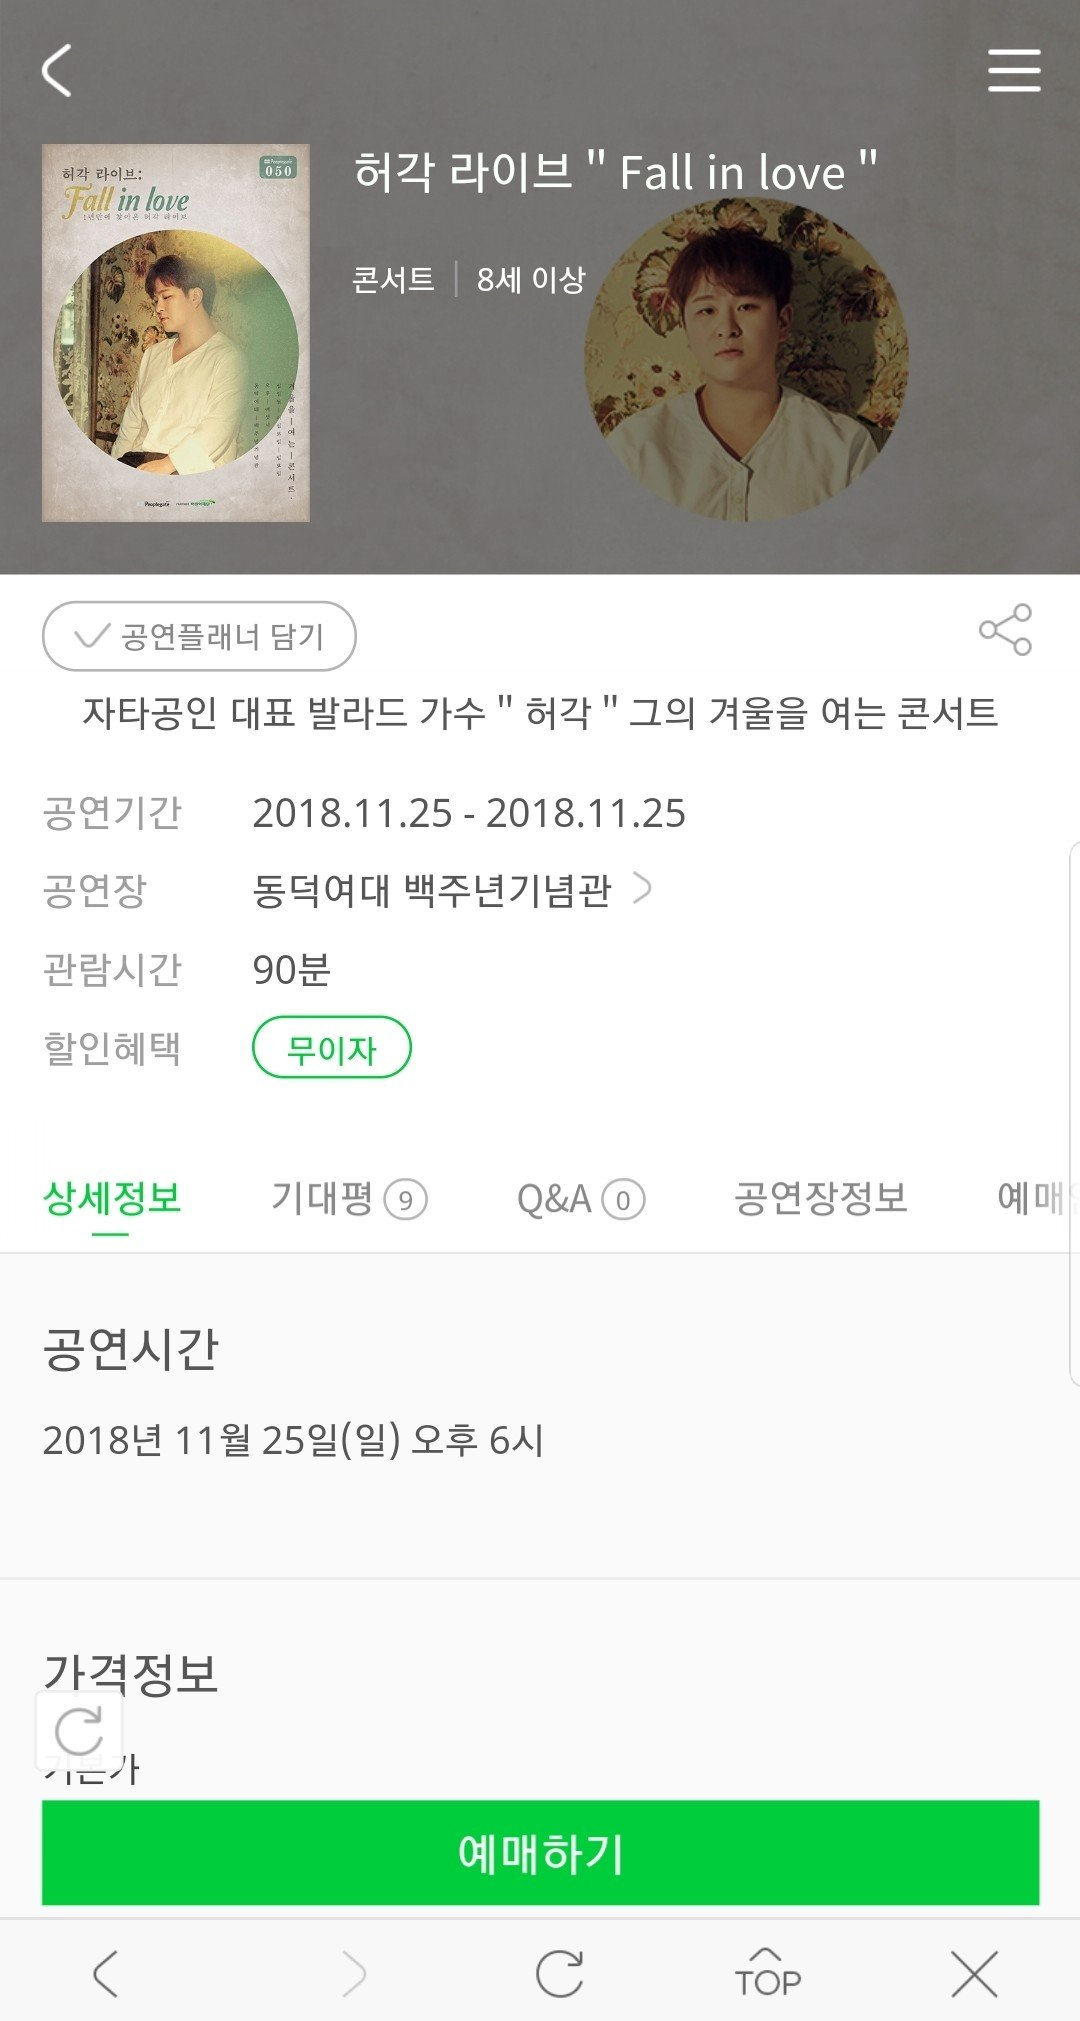 Screenshot_20181102-181948_Melon.jpg 허각없는 허각 콘서트